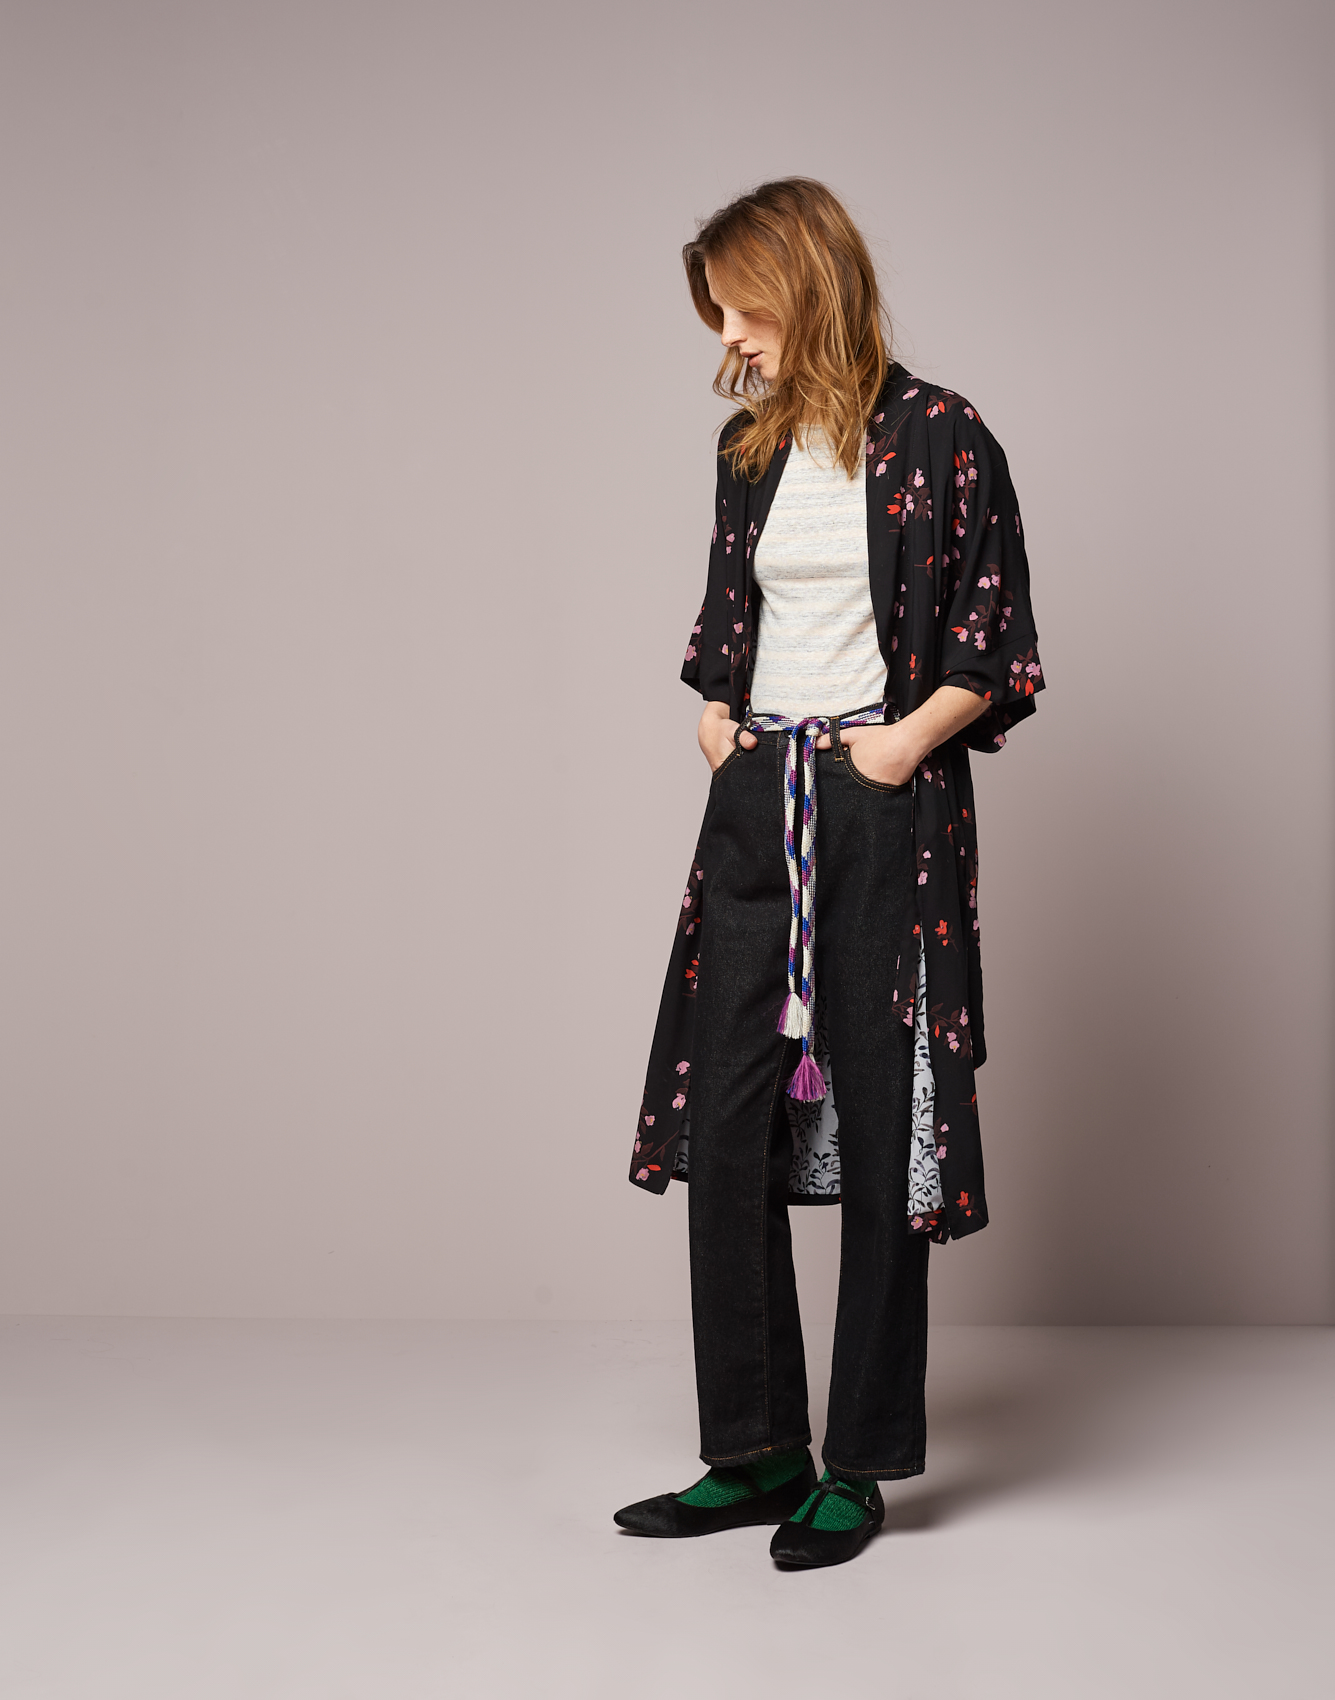 Kimono Arty  -  T-Shirt Seas  -  Pants Popeye